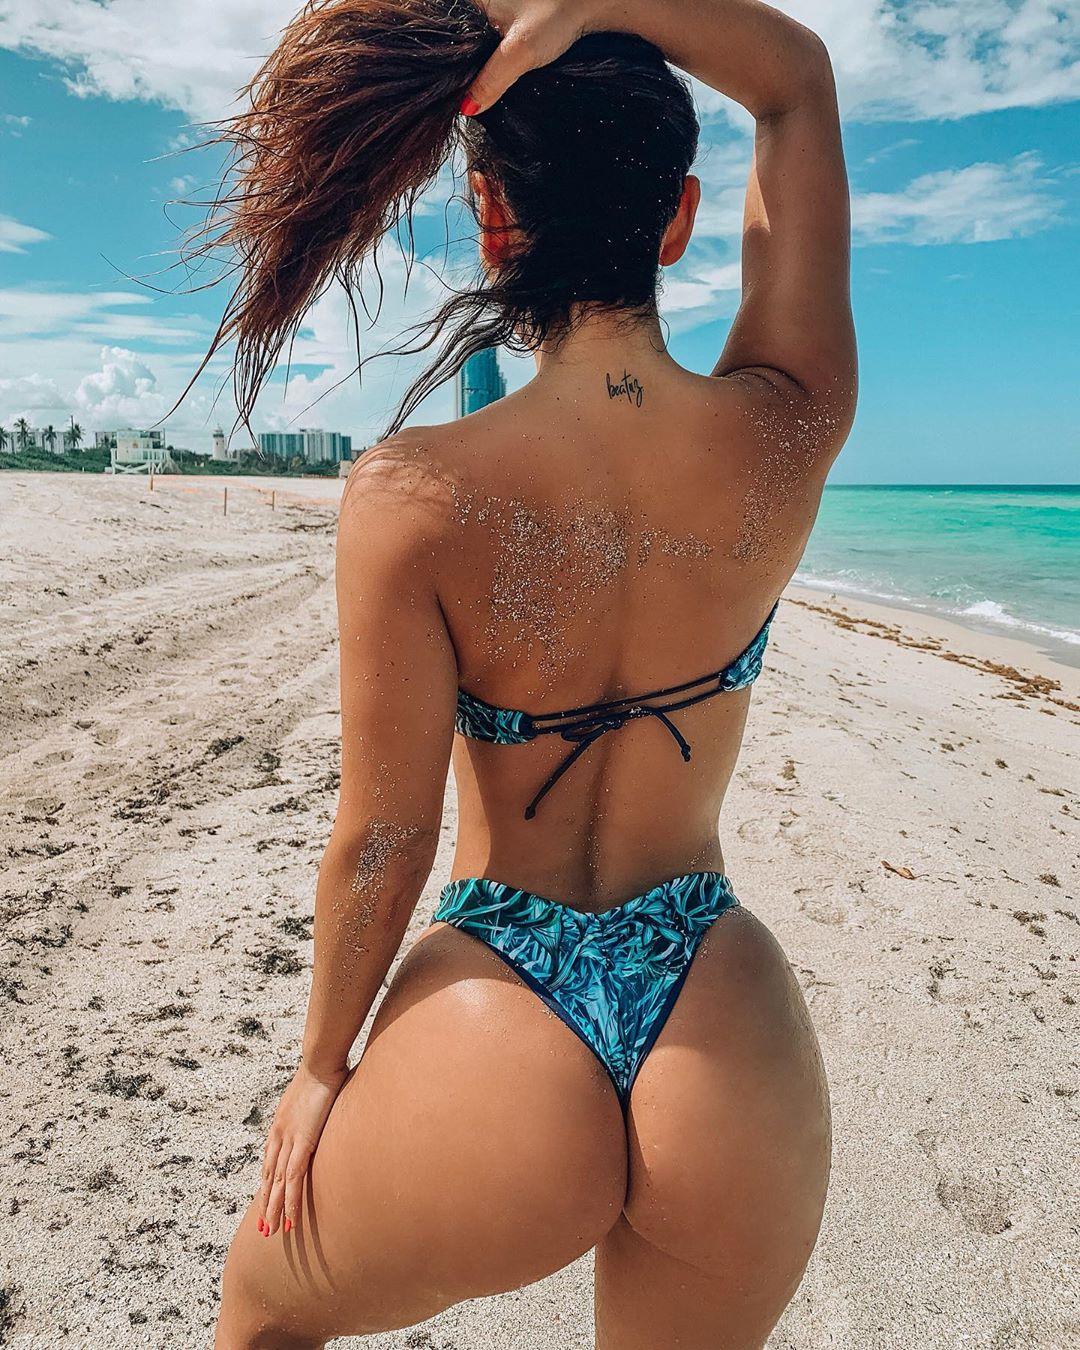 Alejandra Pineda Nude Leaked Videos and Alejapineda1 Naked Pics! 91